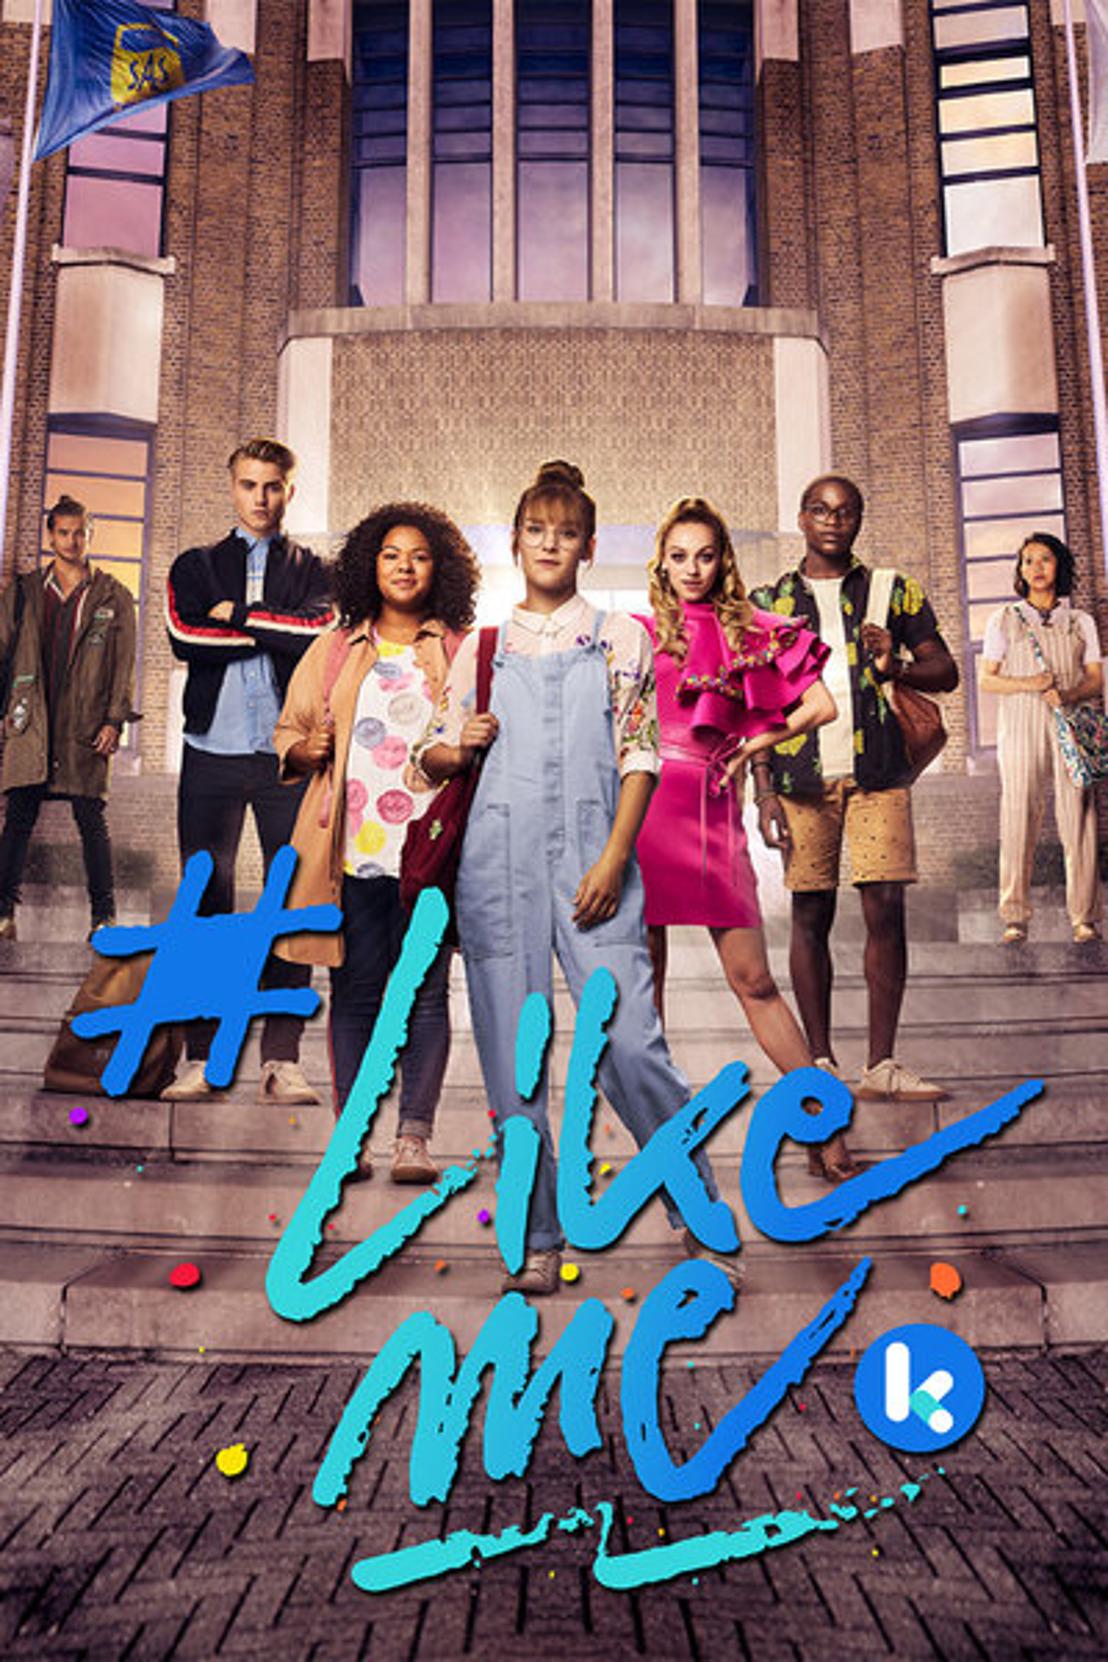 #LikeMe Avant-première in de bioscoop